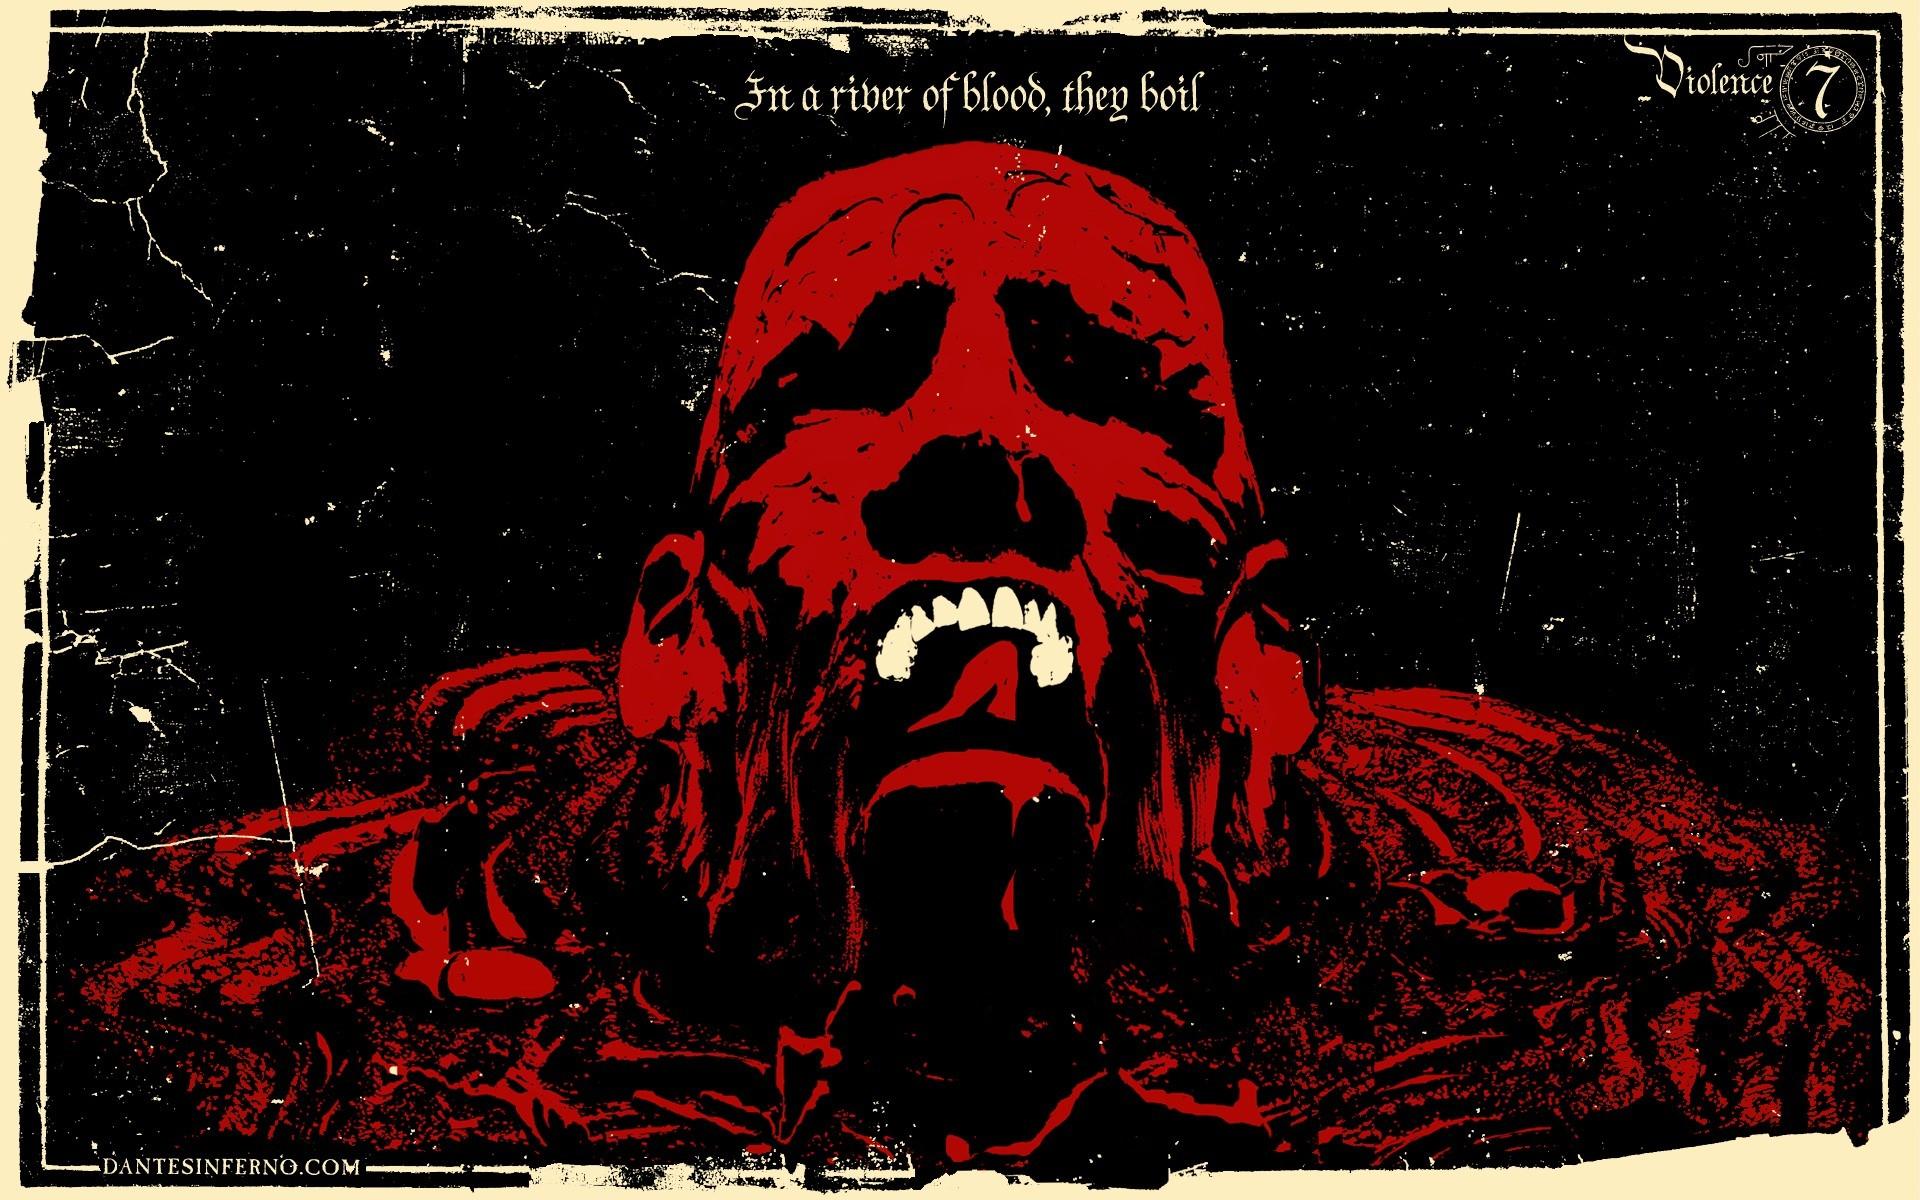 Dante's Inferno wallpaper 72620